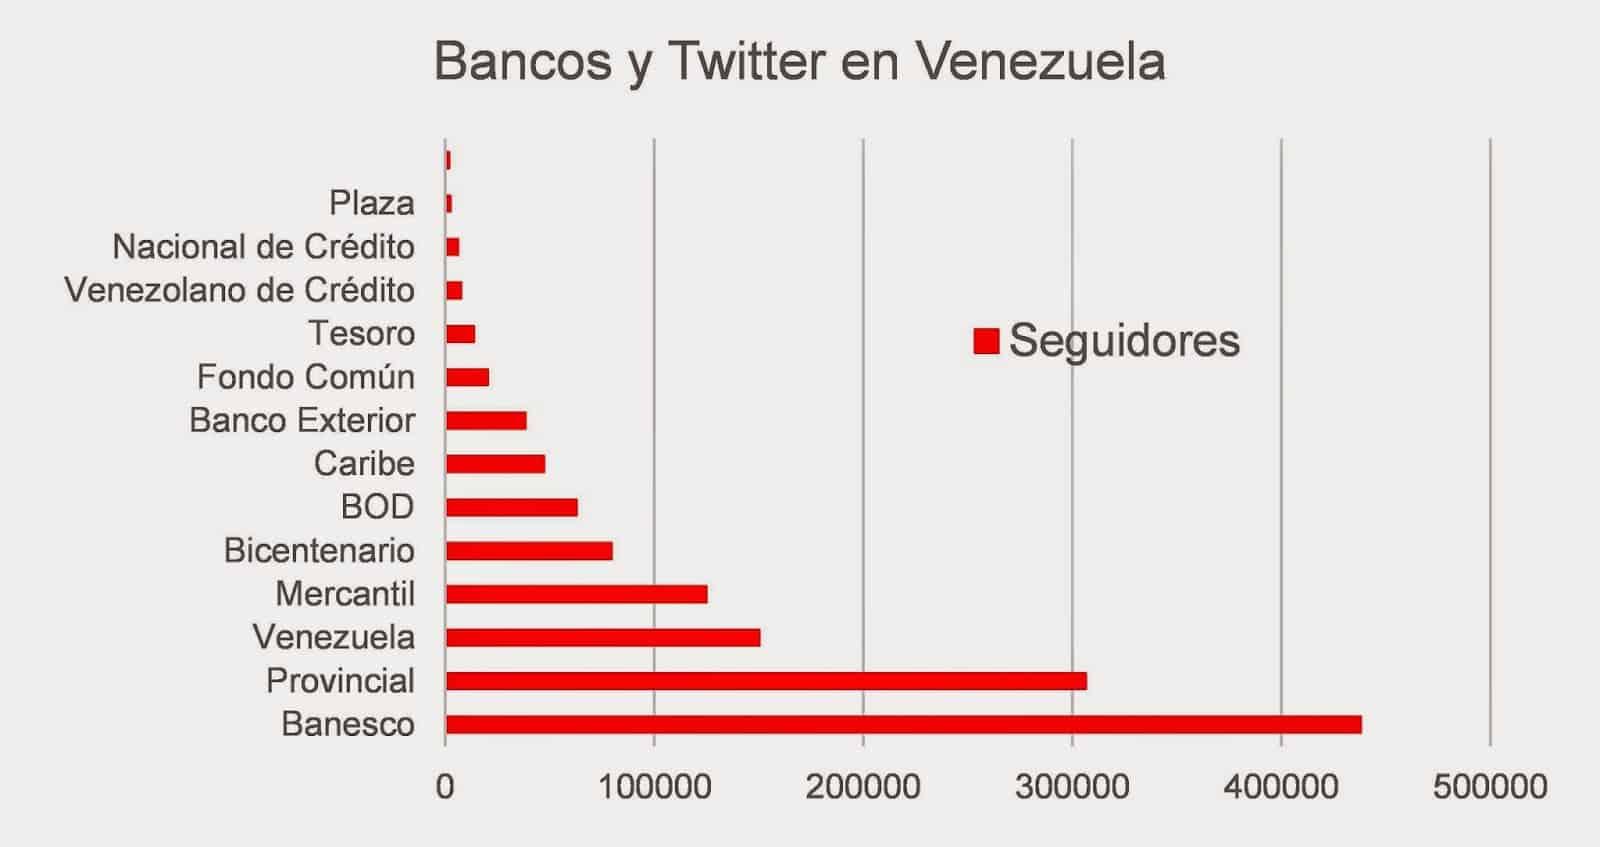 Seguidores de cuentas en Twitter de bancos venezolanos.